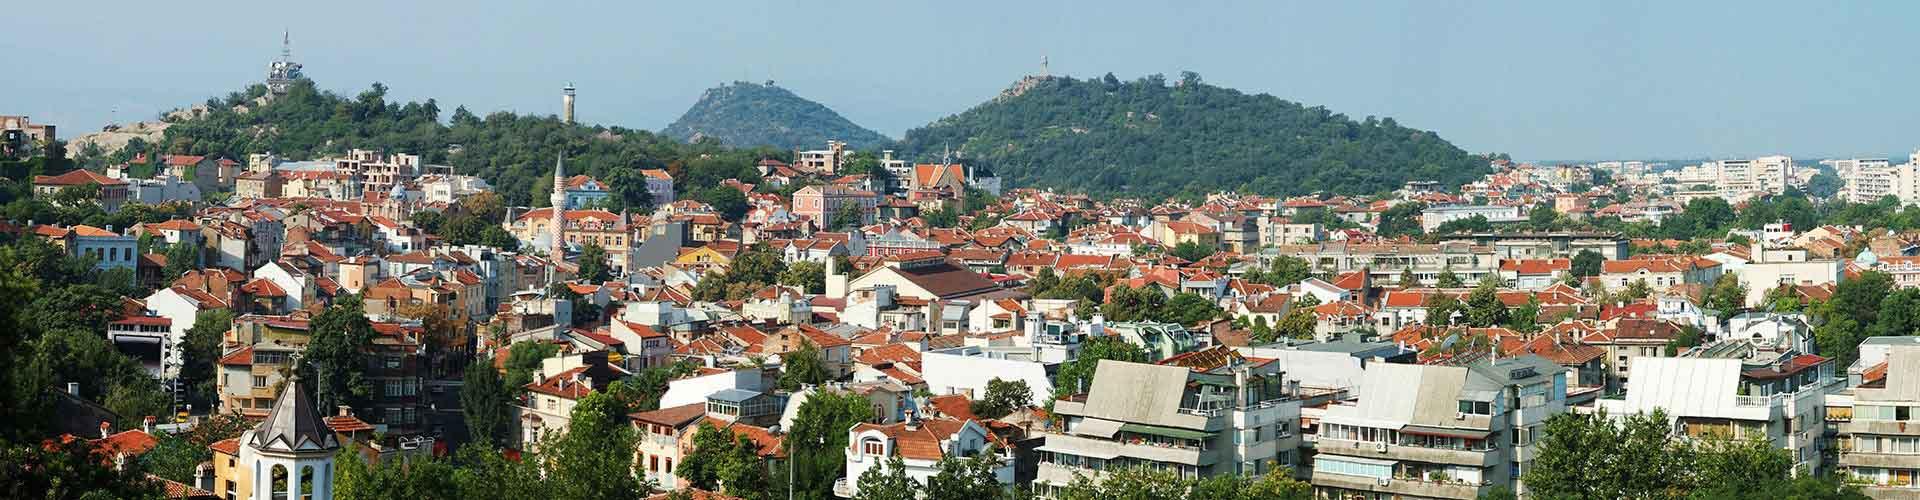 Plovdiv - Appartements dans le quartier de Centyra. Cartes pour Plovdiv, photos et commentaires pour chaque appartement à Plovdiv.